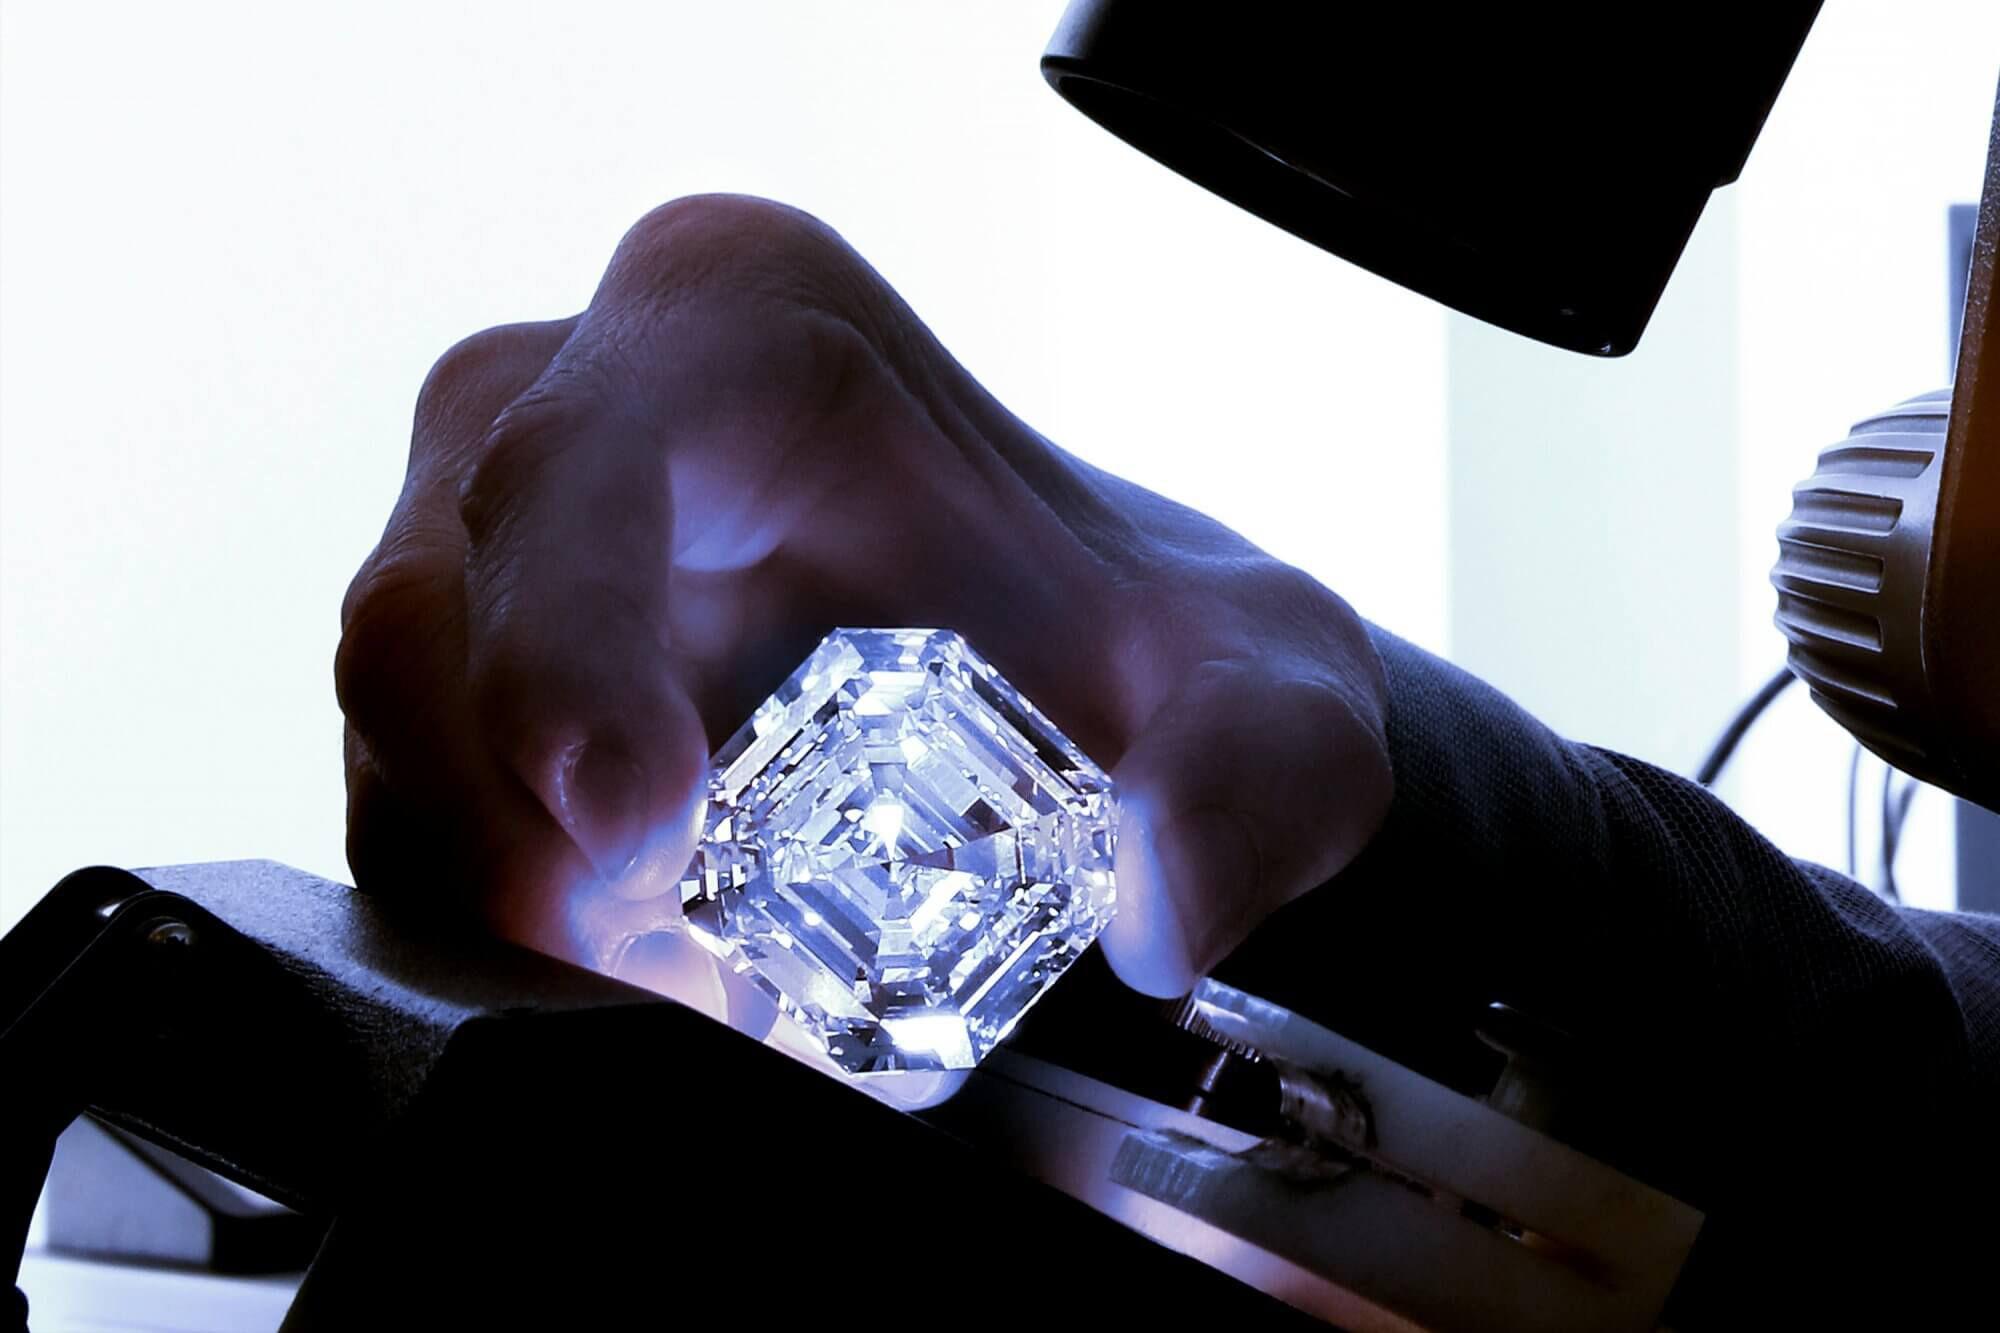 A Graff team member examining the Graff Lesedi La Rona Square Emerald Cut Diamond